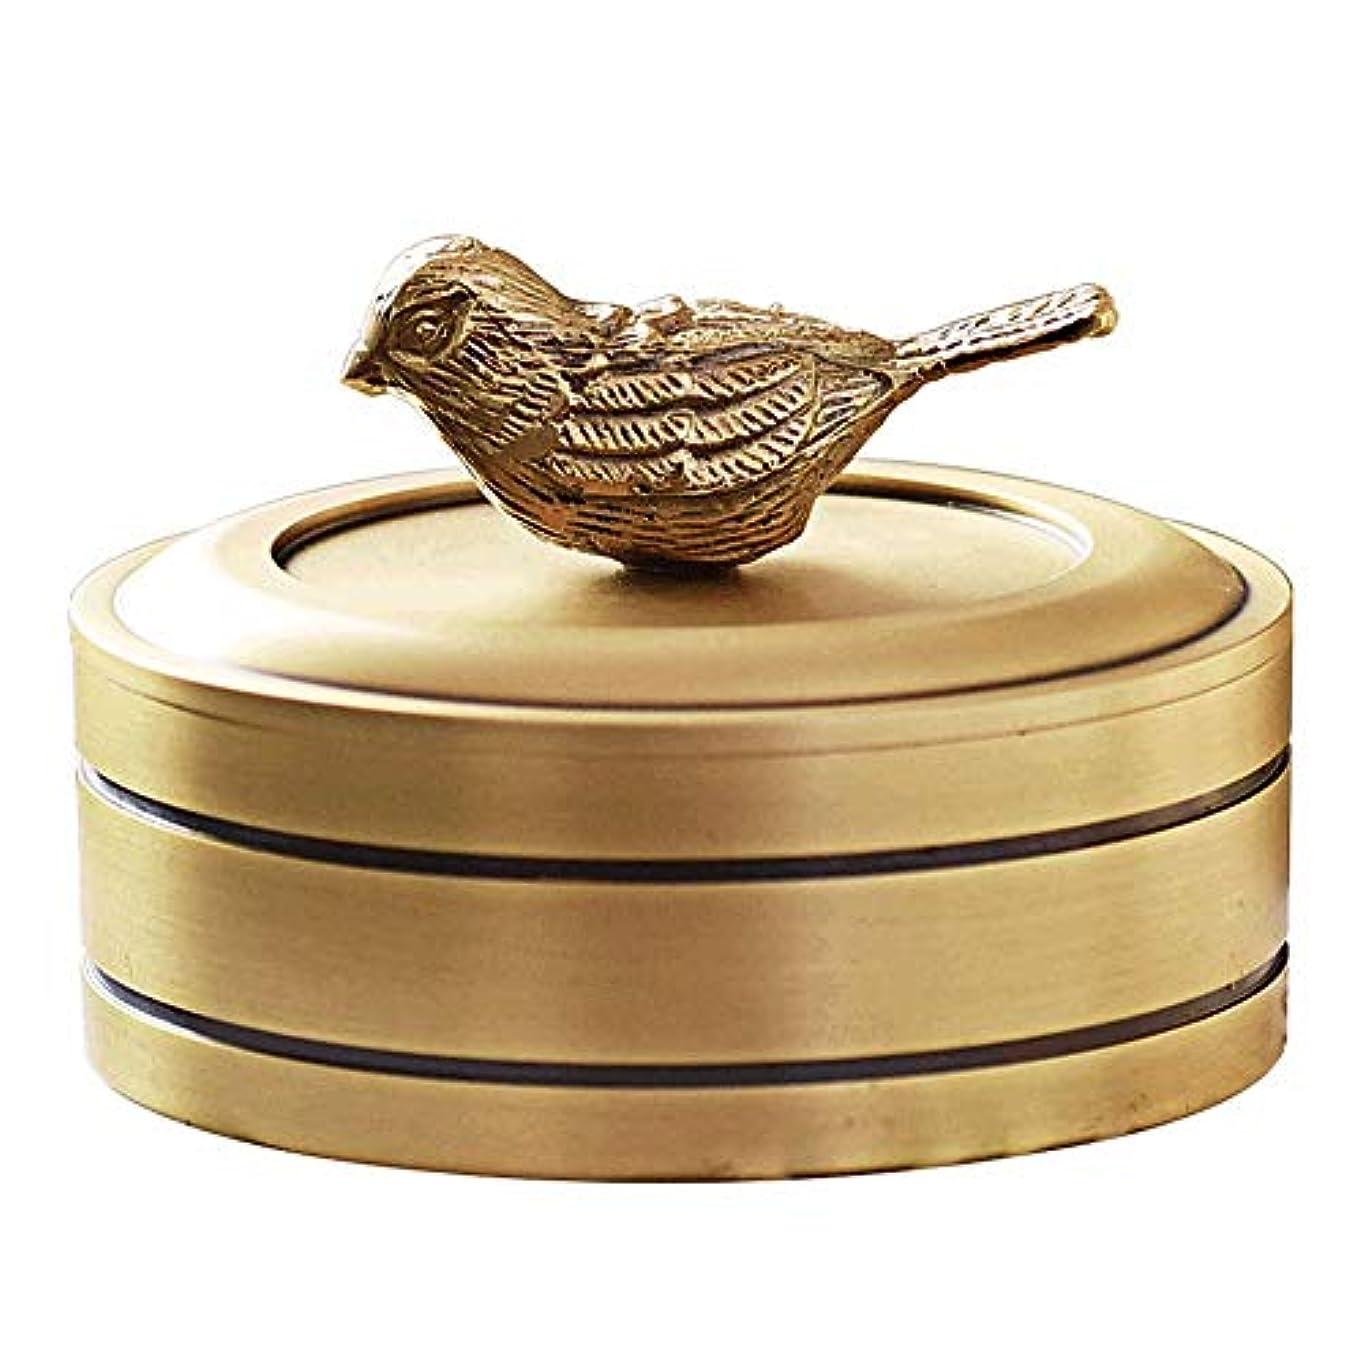 先入観不健康アリス銅の宝石箱ファッションギフトリビングルームホームデコレーション装飾品でカバー純粋な銅灰皿